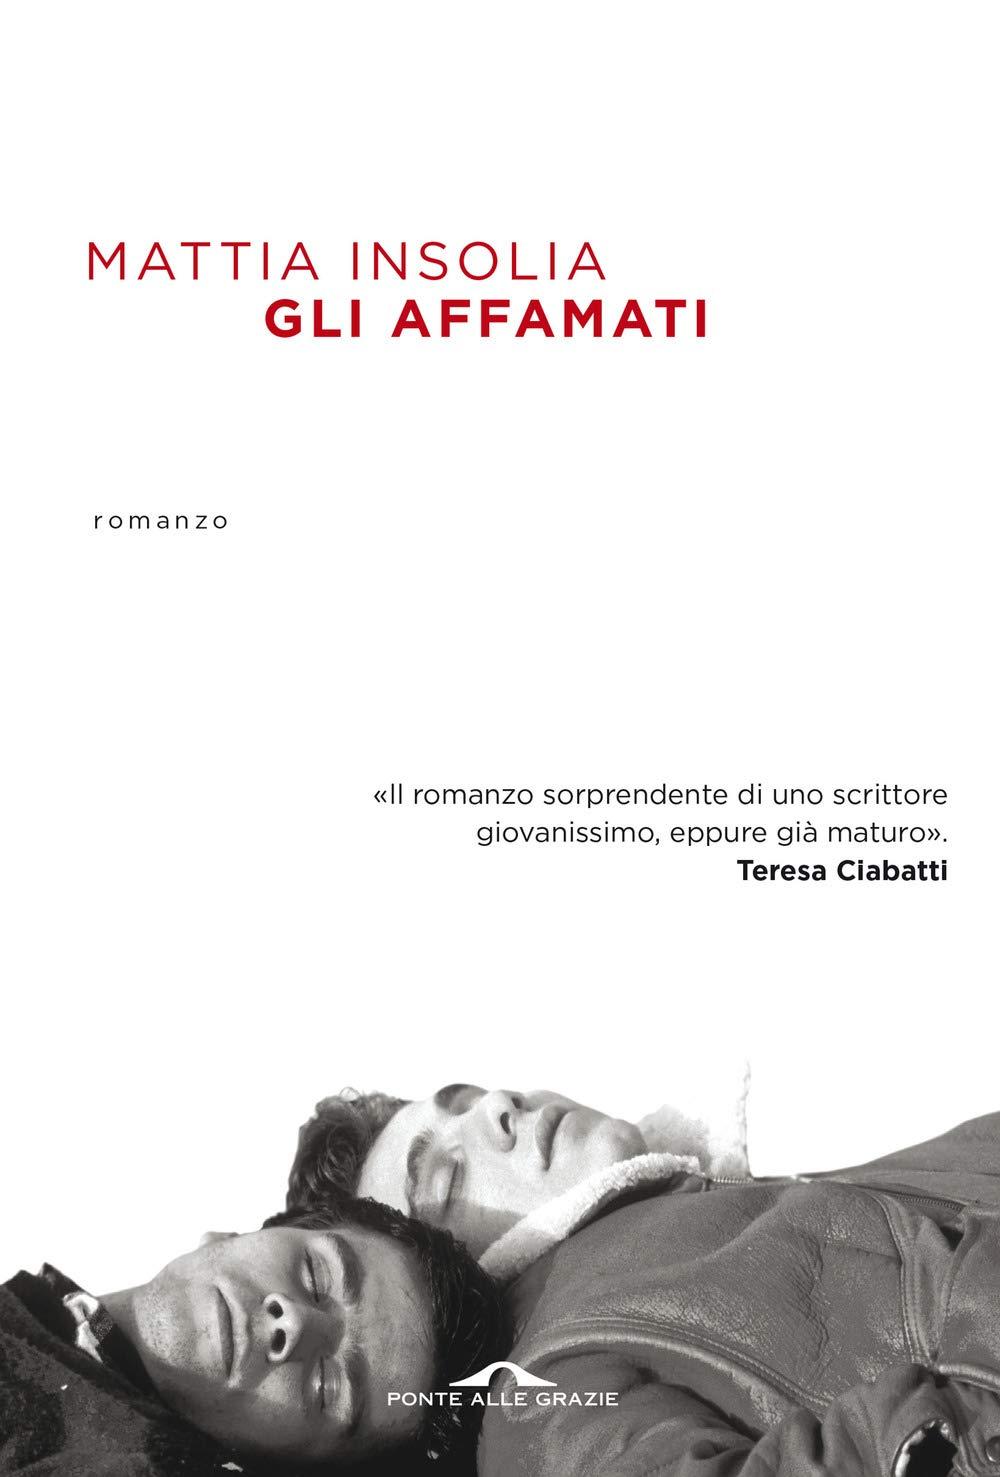 Mattia Insolia